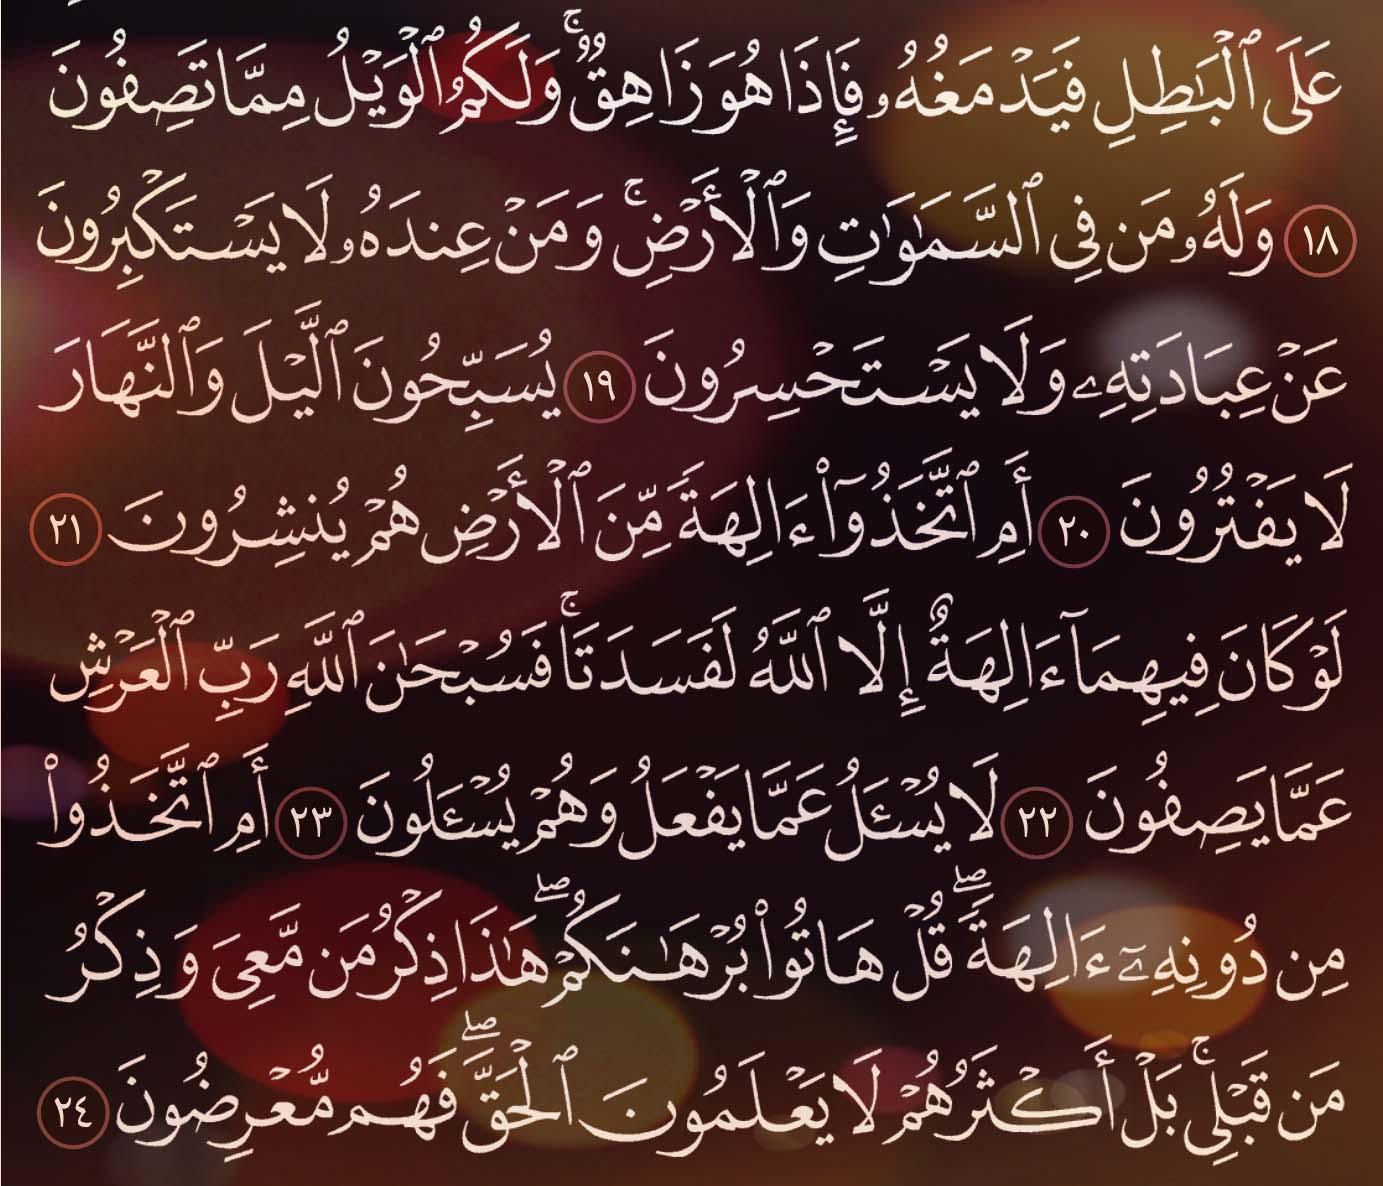 شرح وتفسير سورةالأنبياء surah al-anbiya ( من الآية 11 إلى الاية 24 )